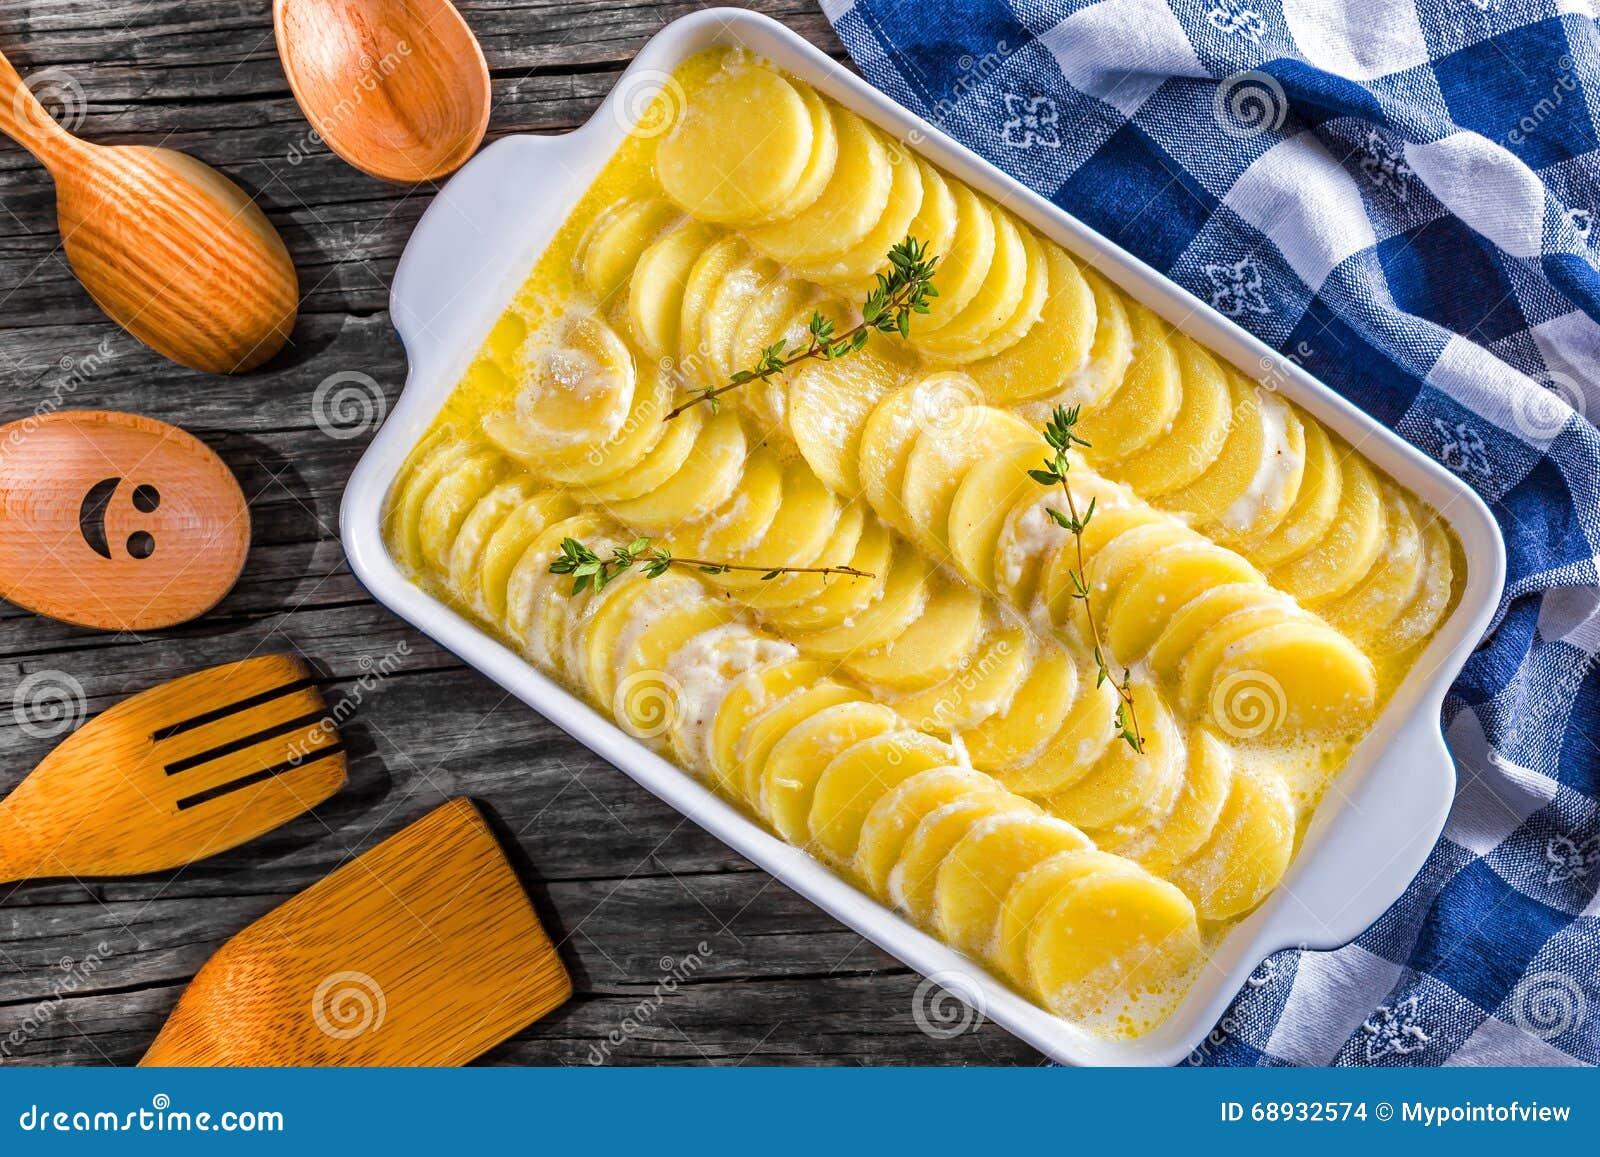 Le gratin Dauphinois, pommes de terre d Au s est préparé à la torréfaction dans une casserole